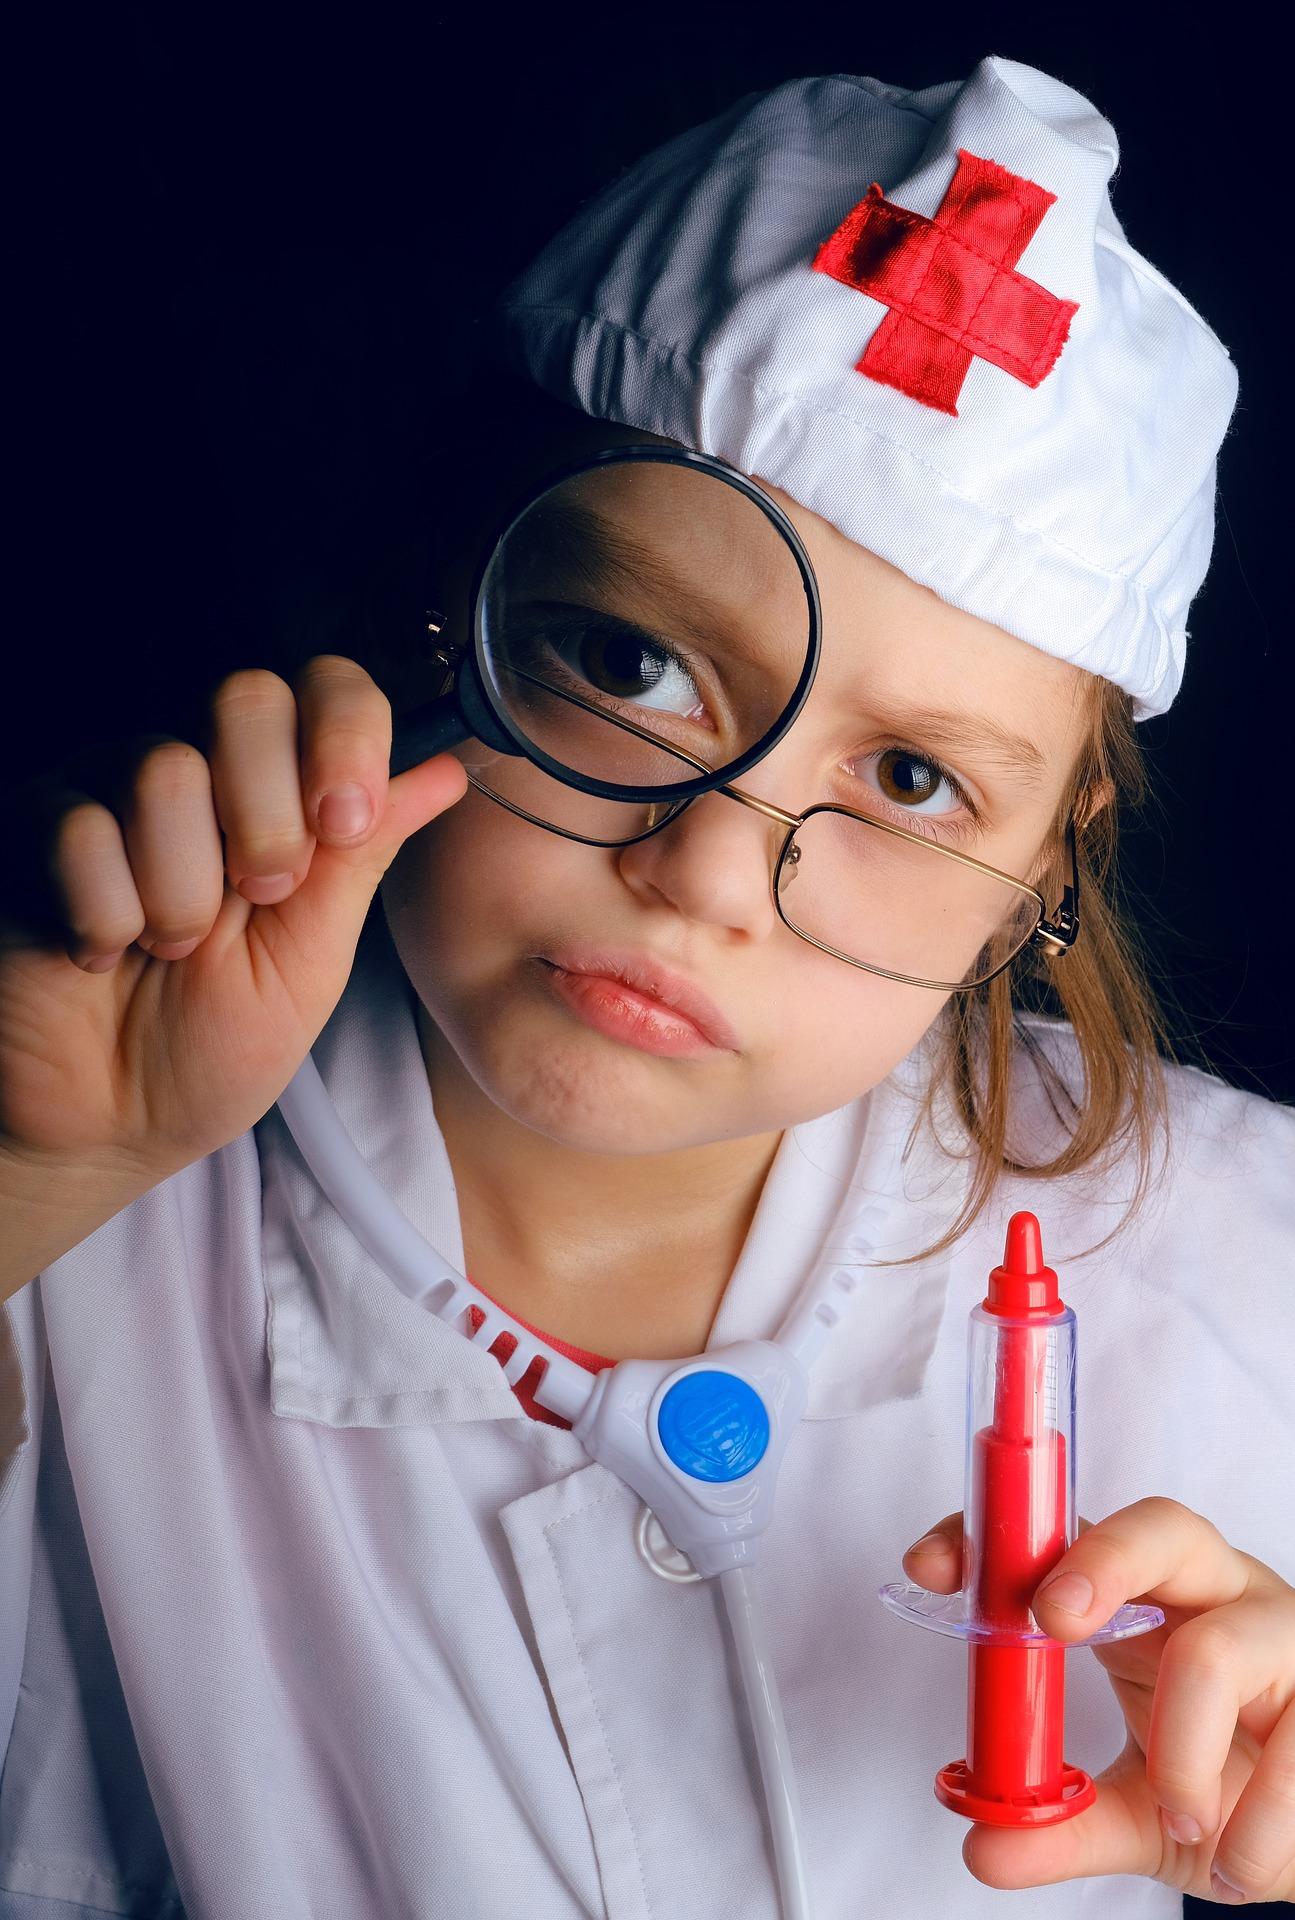 Pielęgniarki i higienistki we wszystkich szkołach